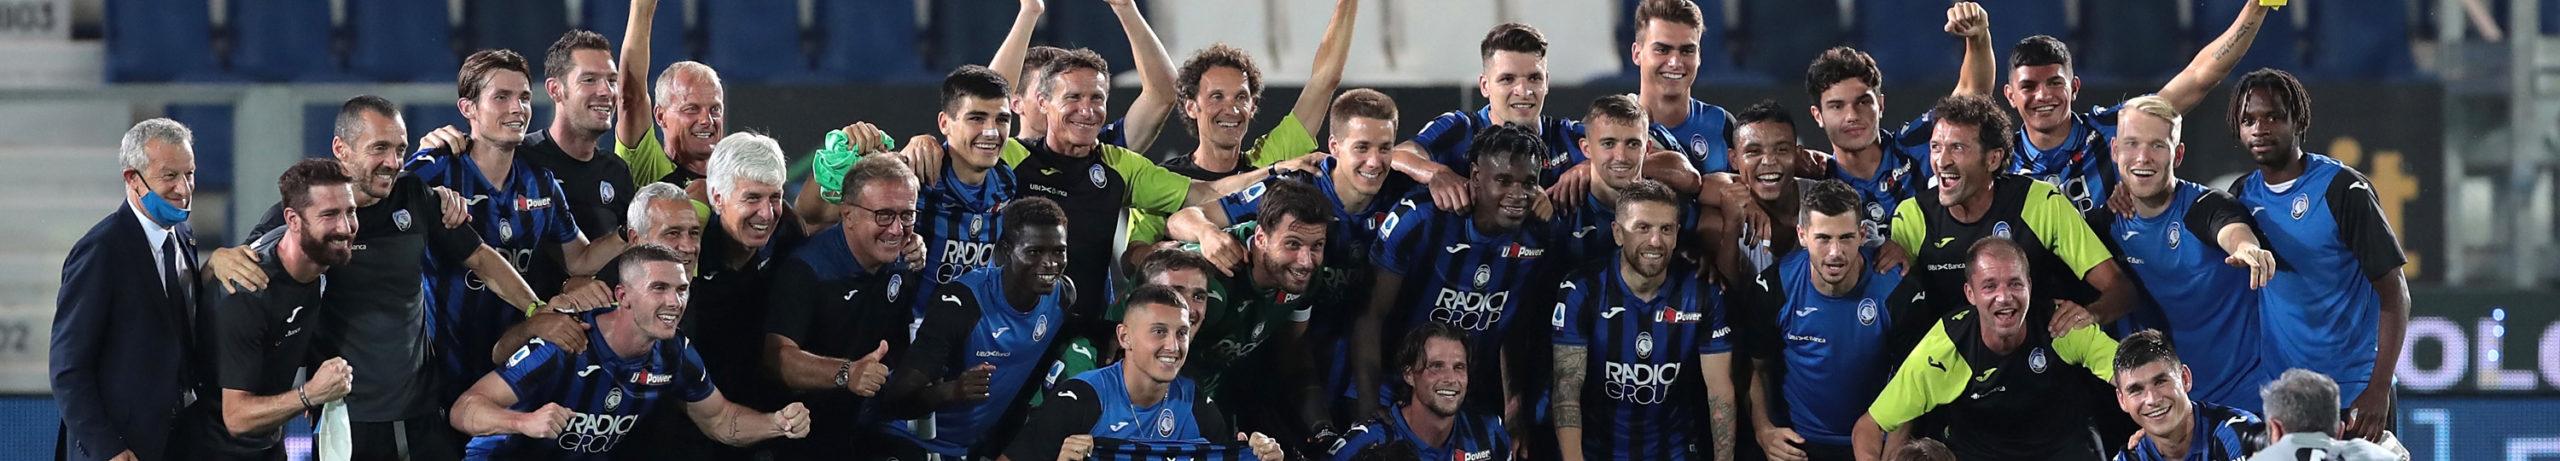 Fenomeno Atalanta, alle radici di un successo italiano